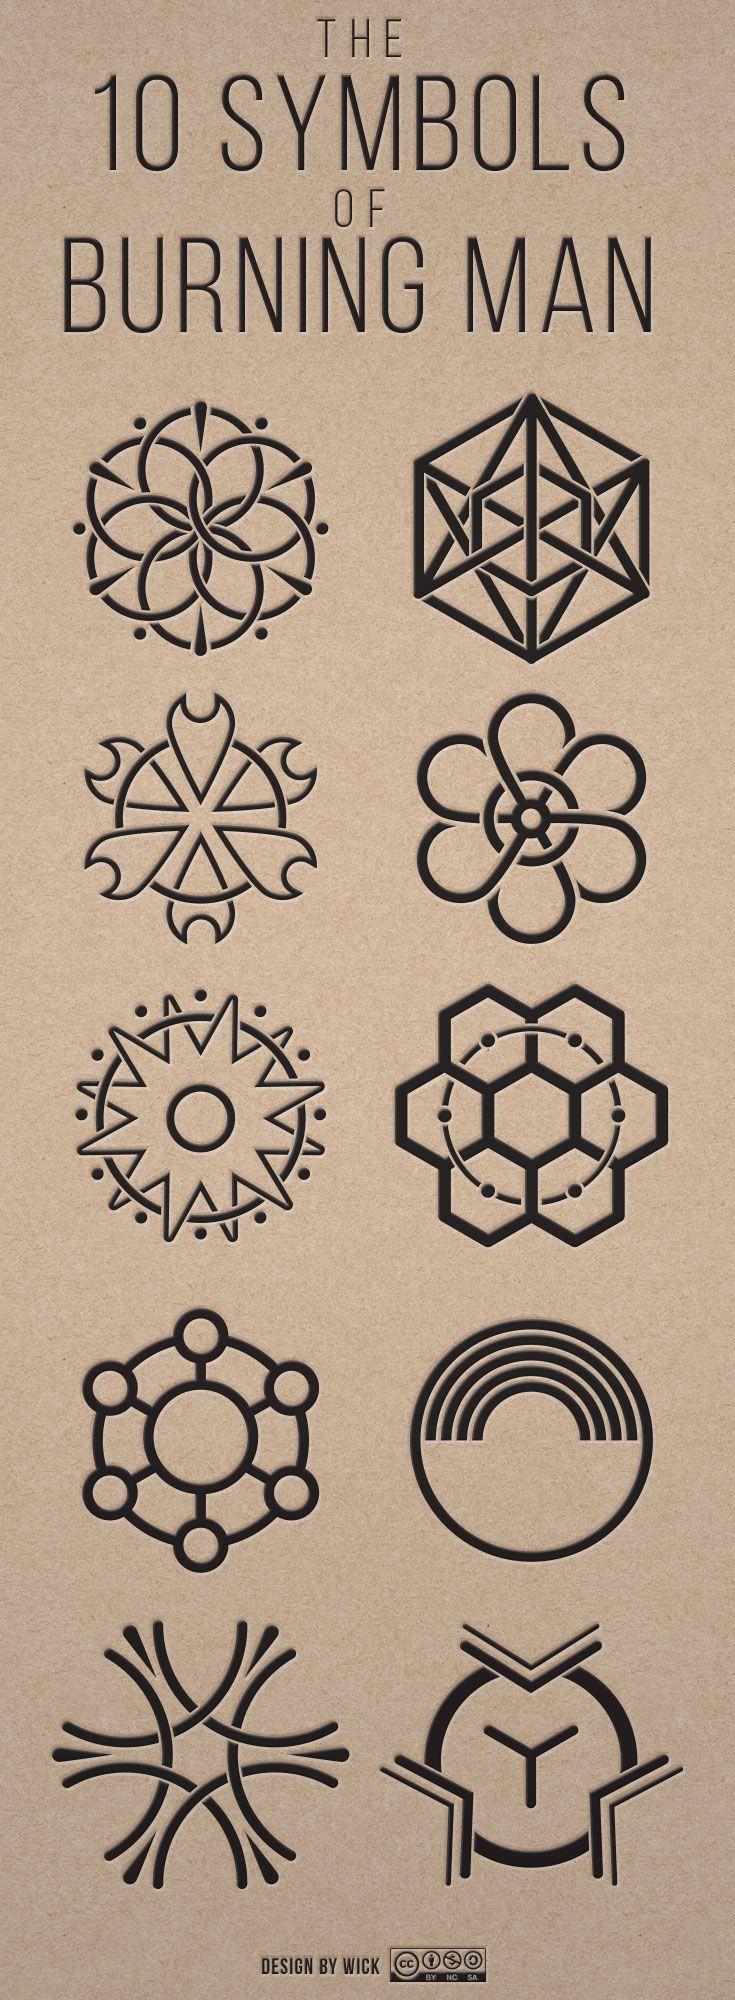 The 10 symbols of burning man symbols burning man and tattoo the 10 symbols of burning man biocorpaavc